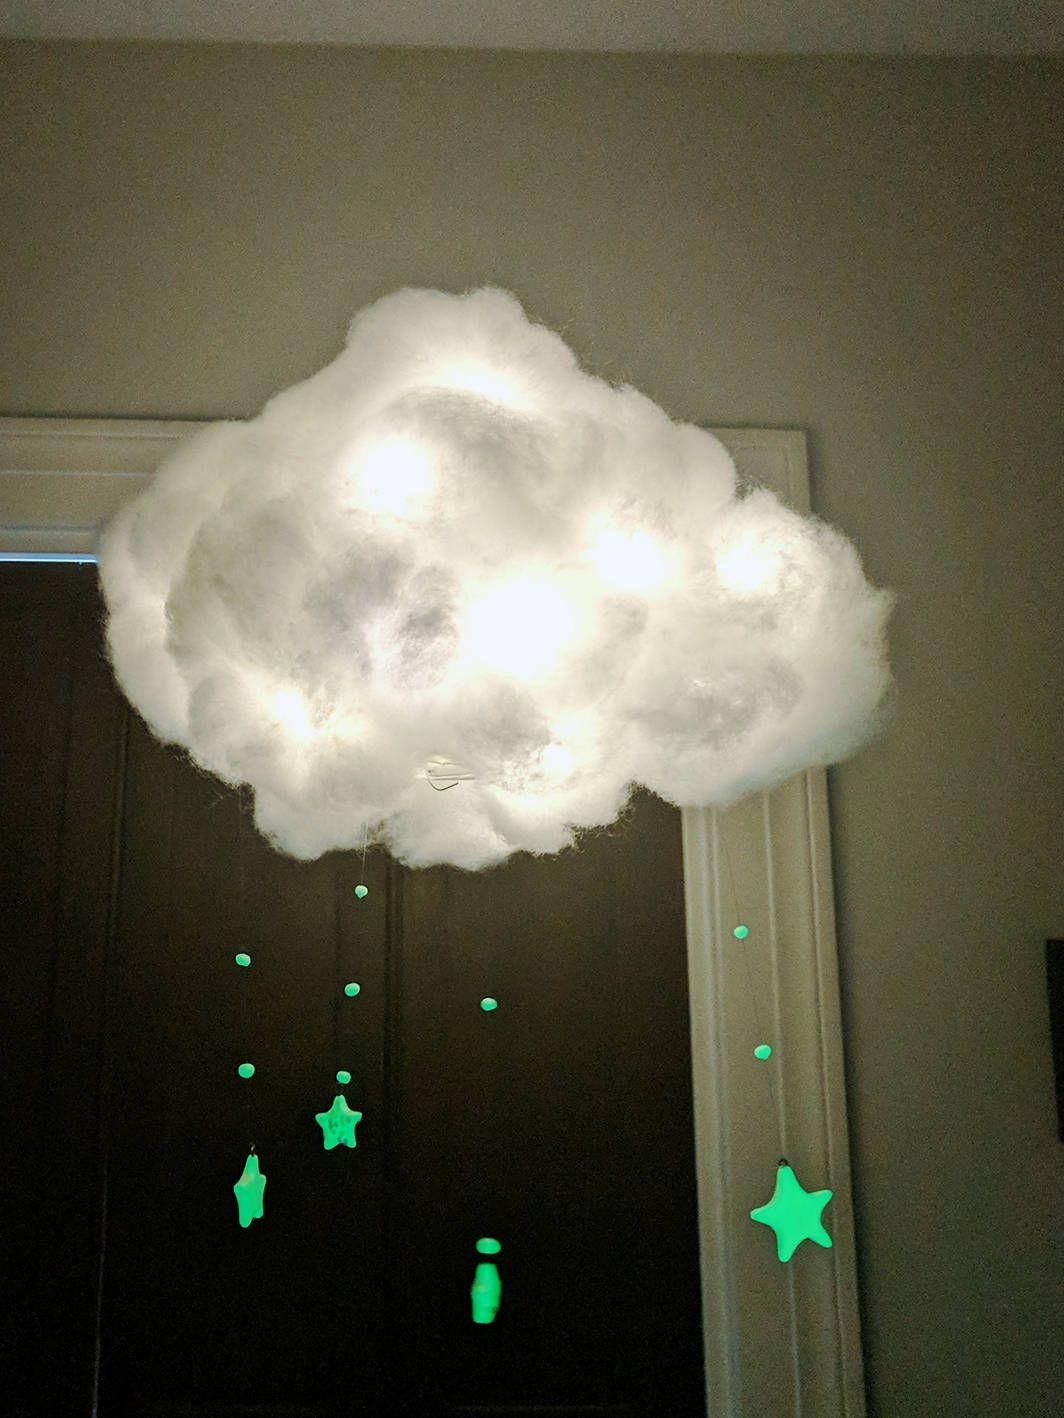 Cloud Light Hanging Fairy Lights Glow In The Dark Stars Night Sky Nursery By Kjcreations120 On